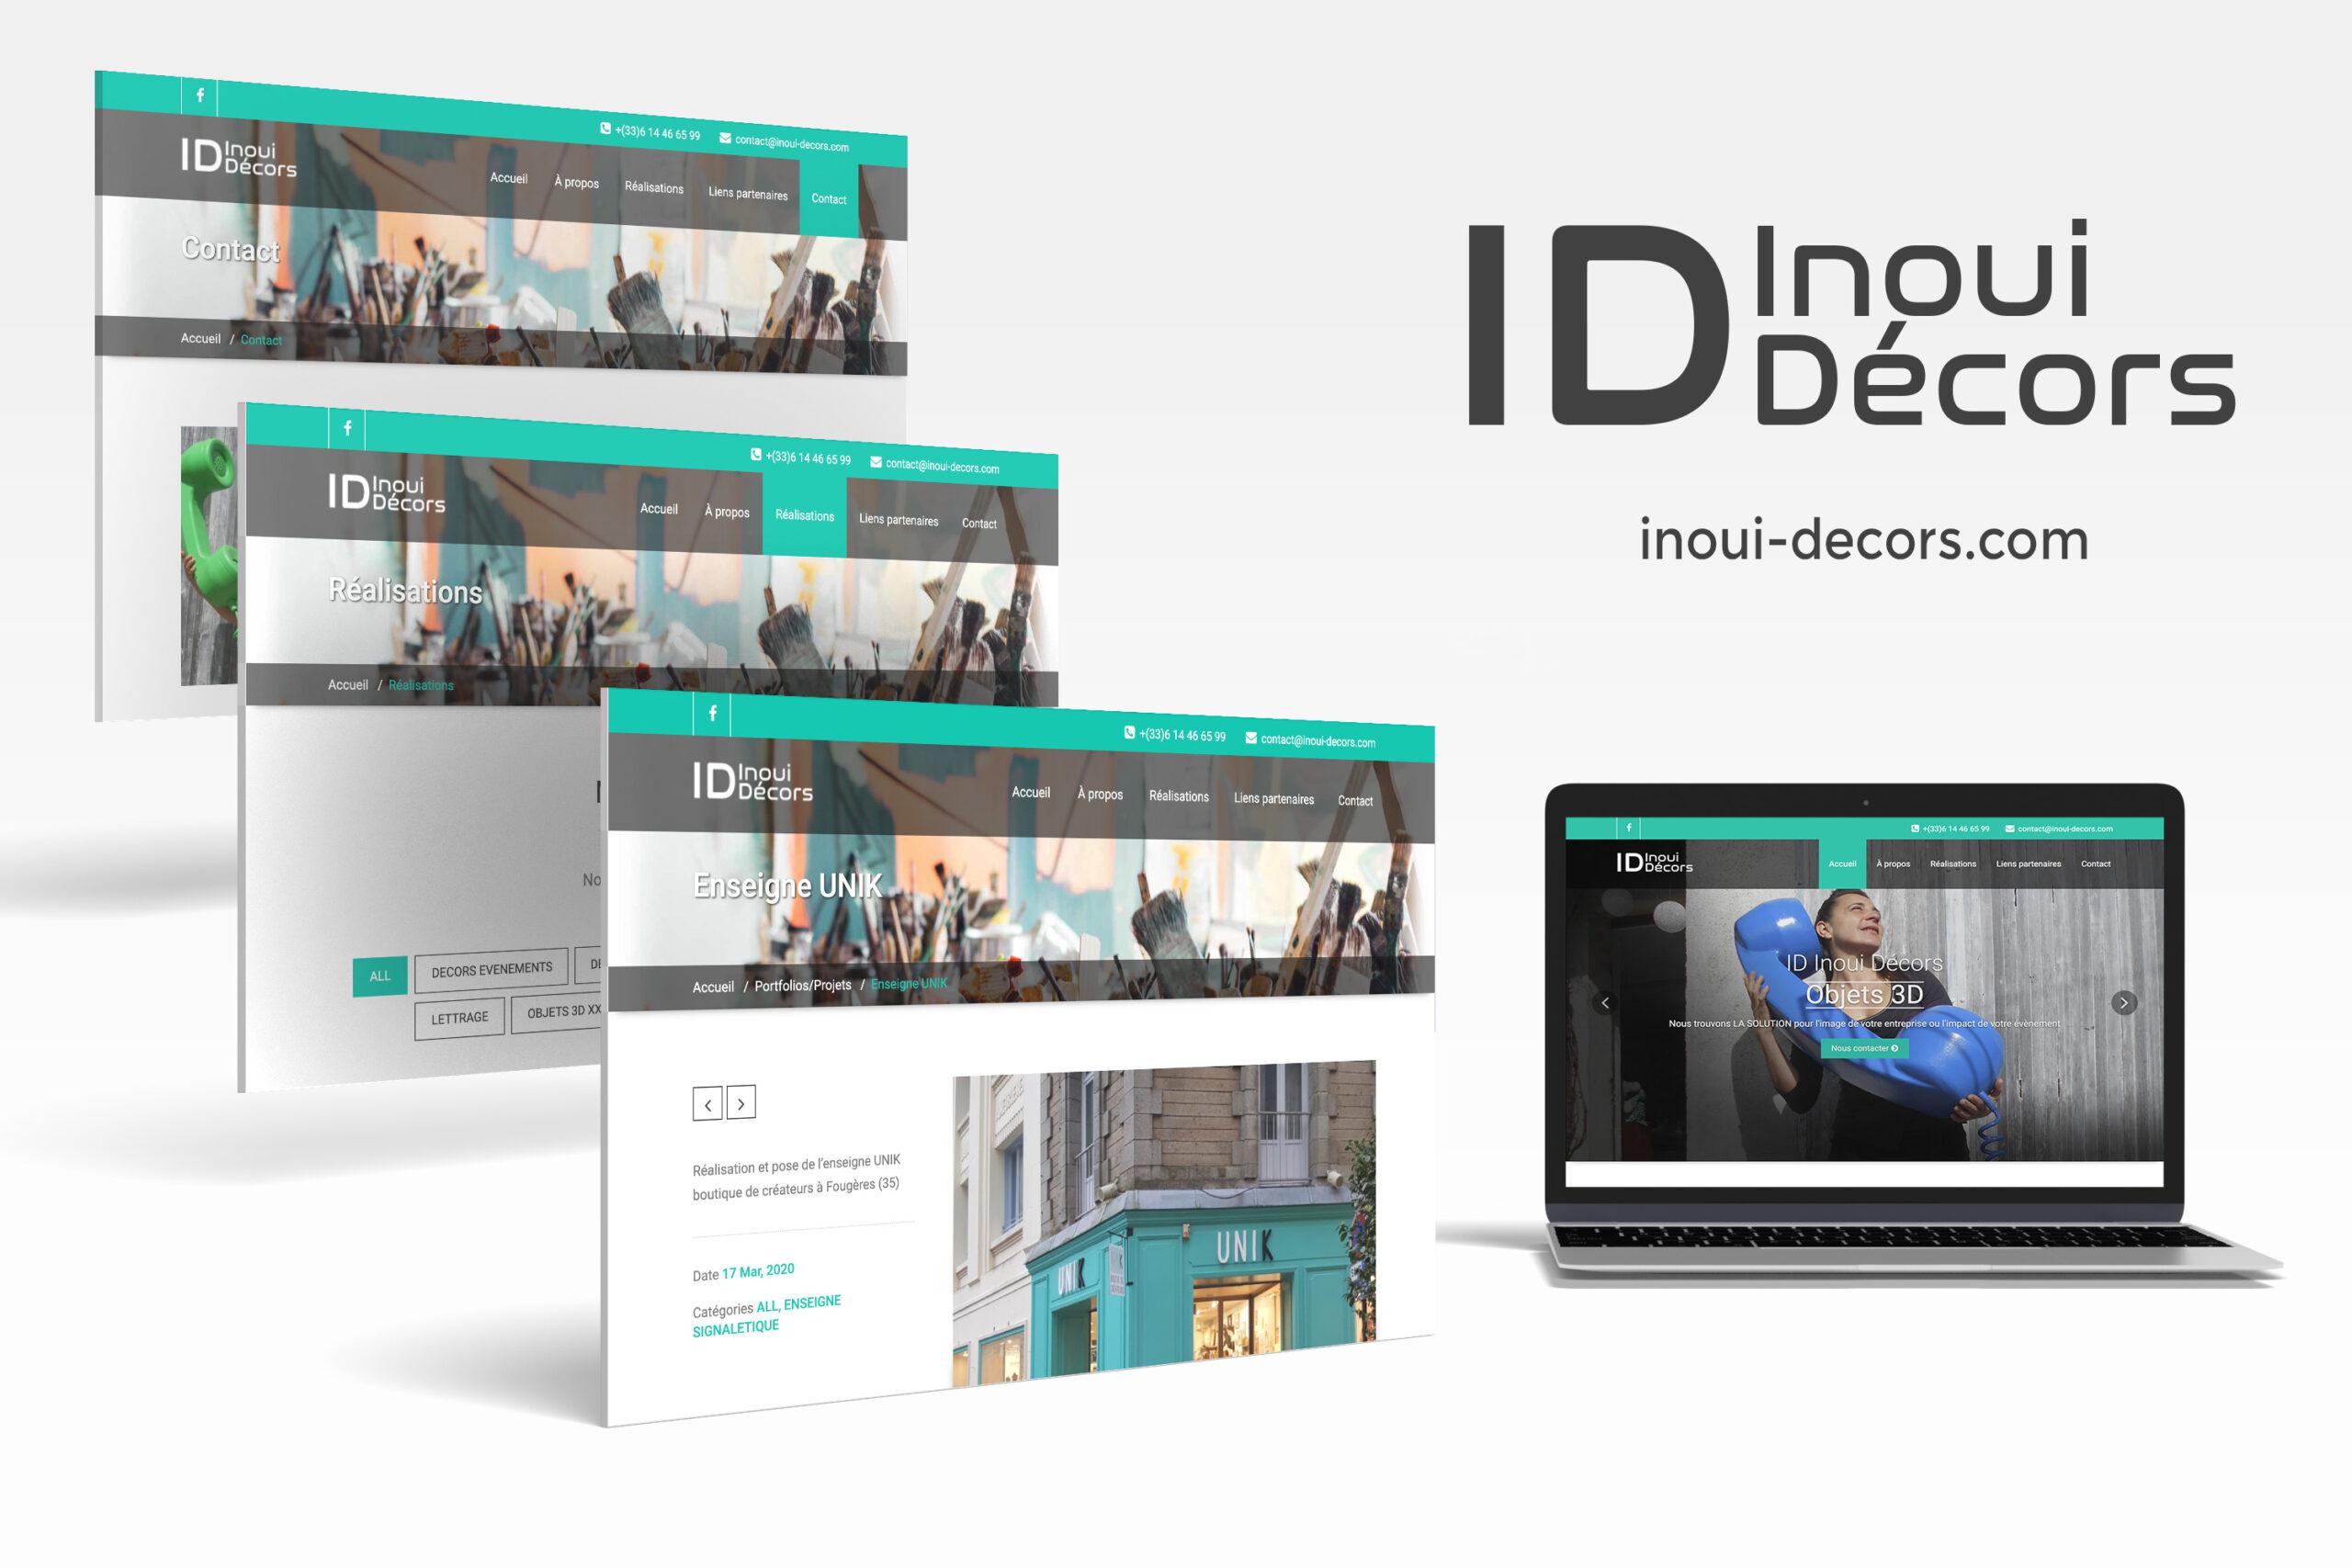 Création du site https://inoui-decors.com/